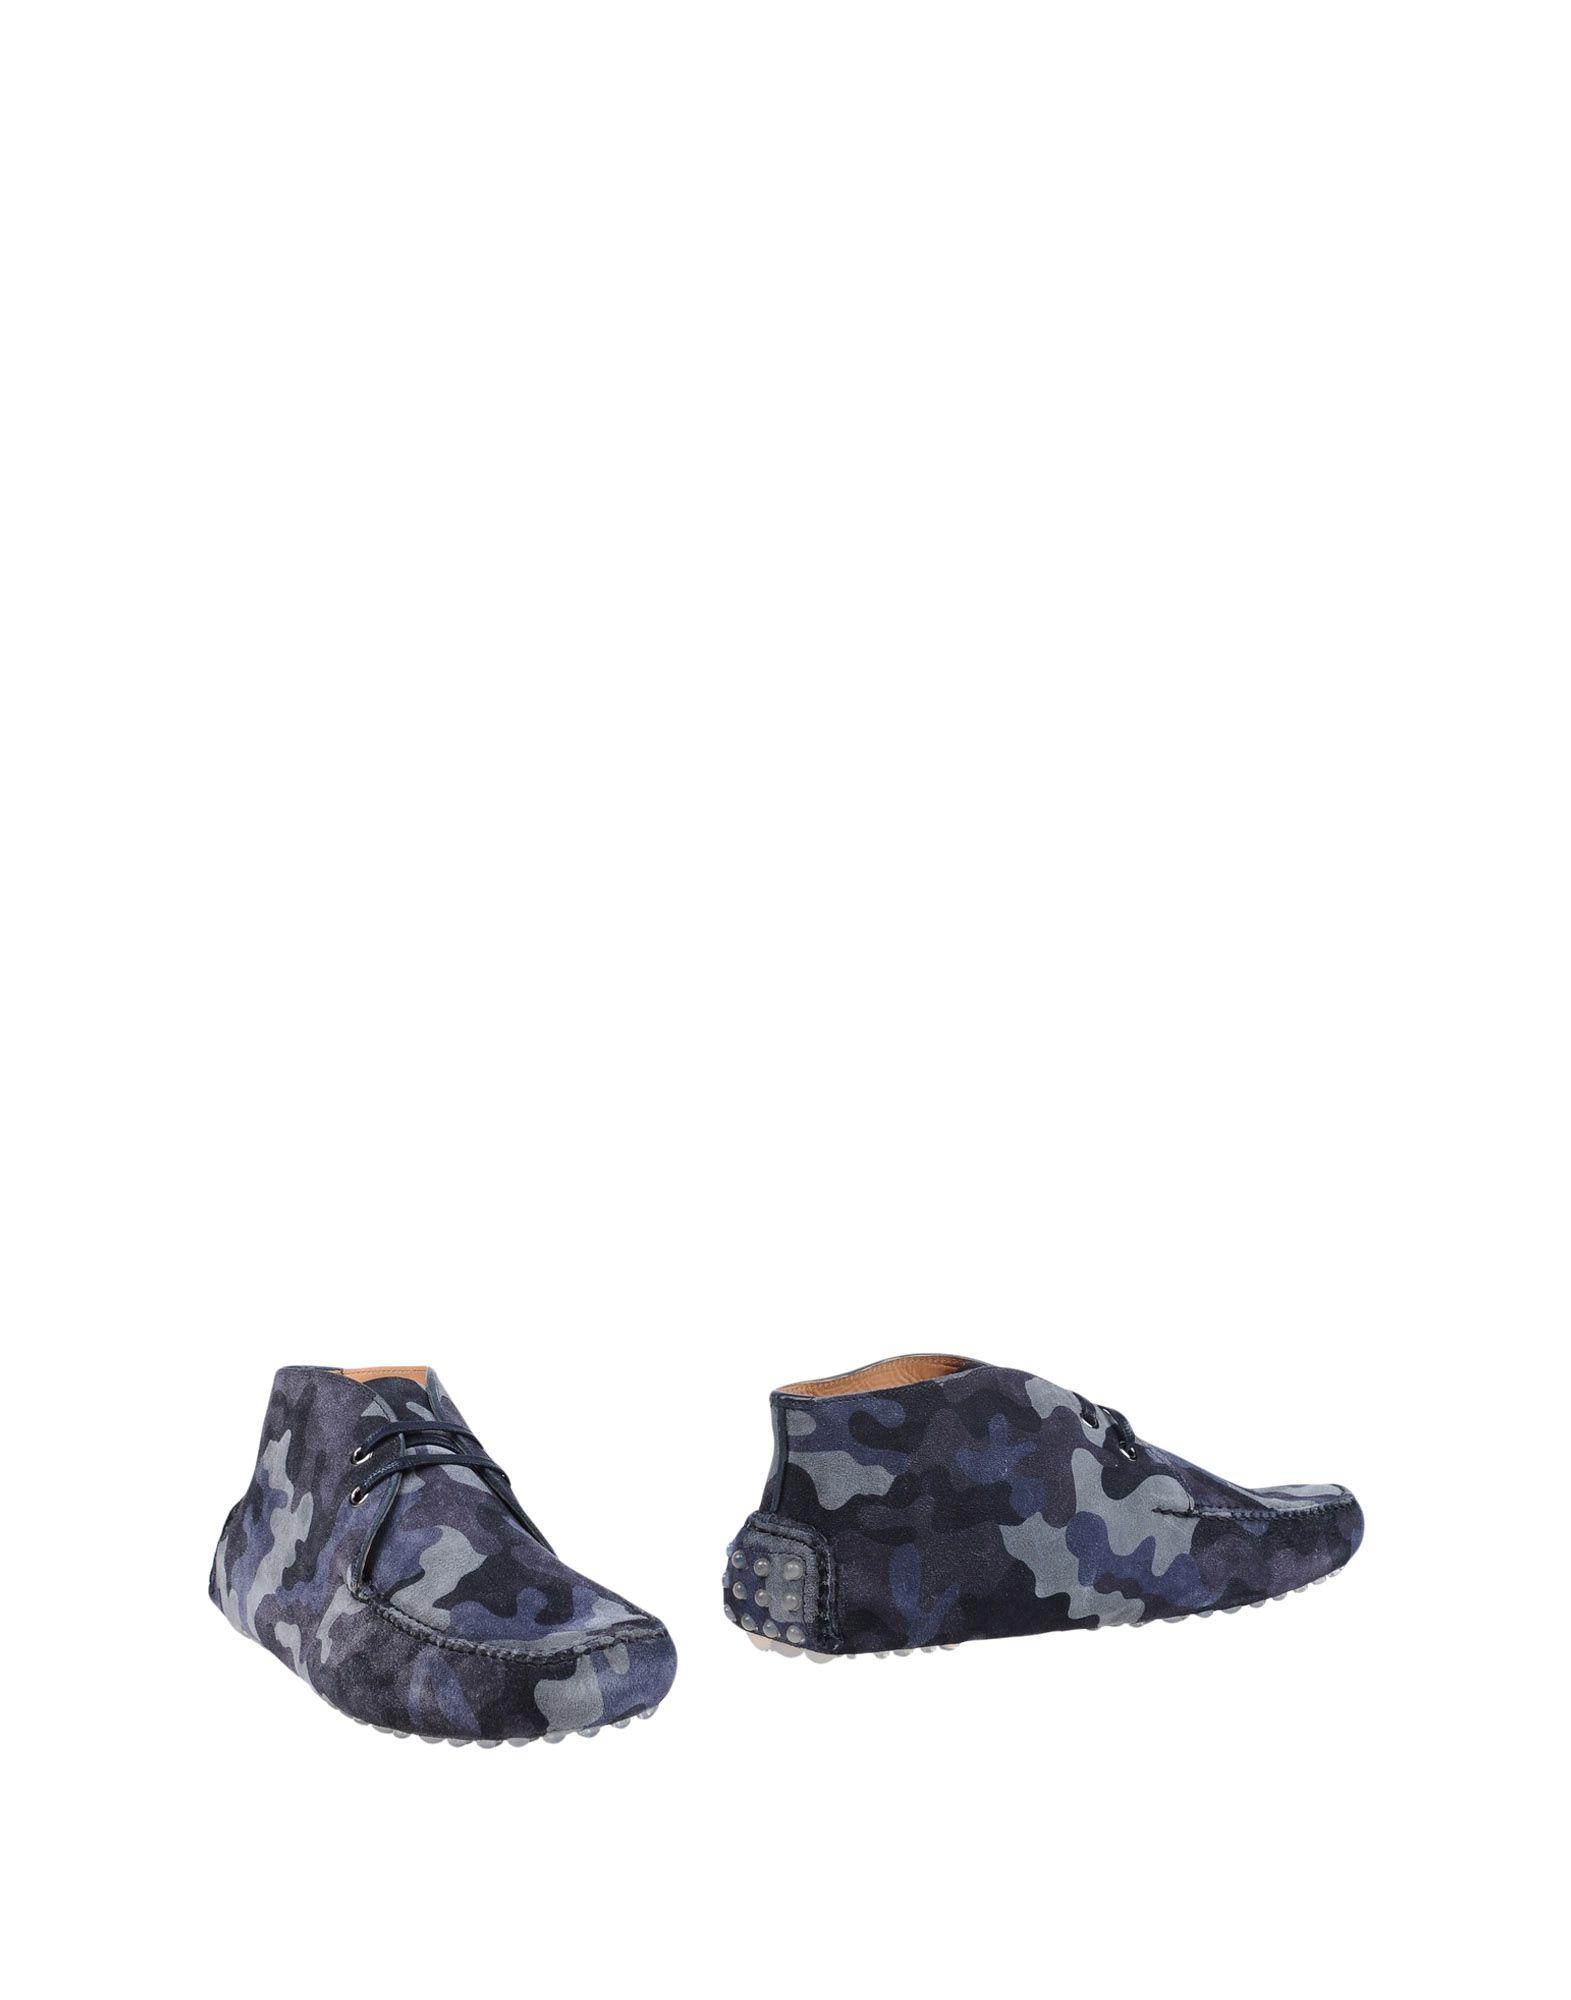 Carshoe Stiefelette Schuhe Herren  11379069VK Heiße Schuhe Stiefelette c308a3